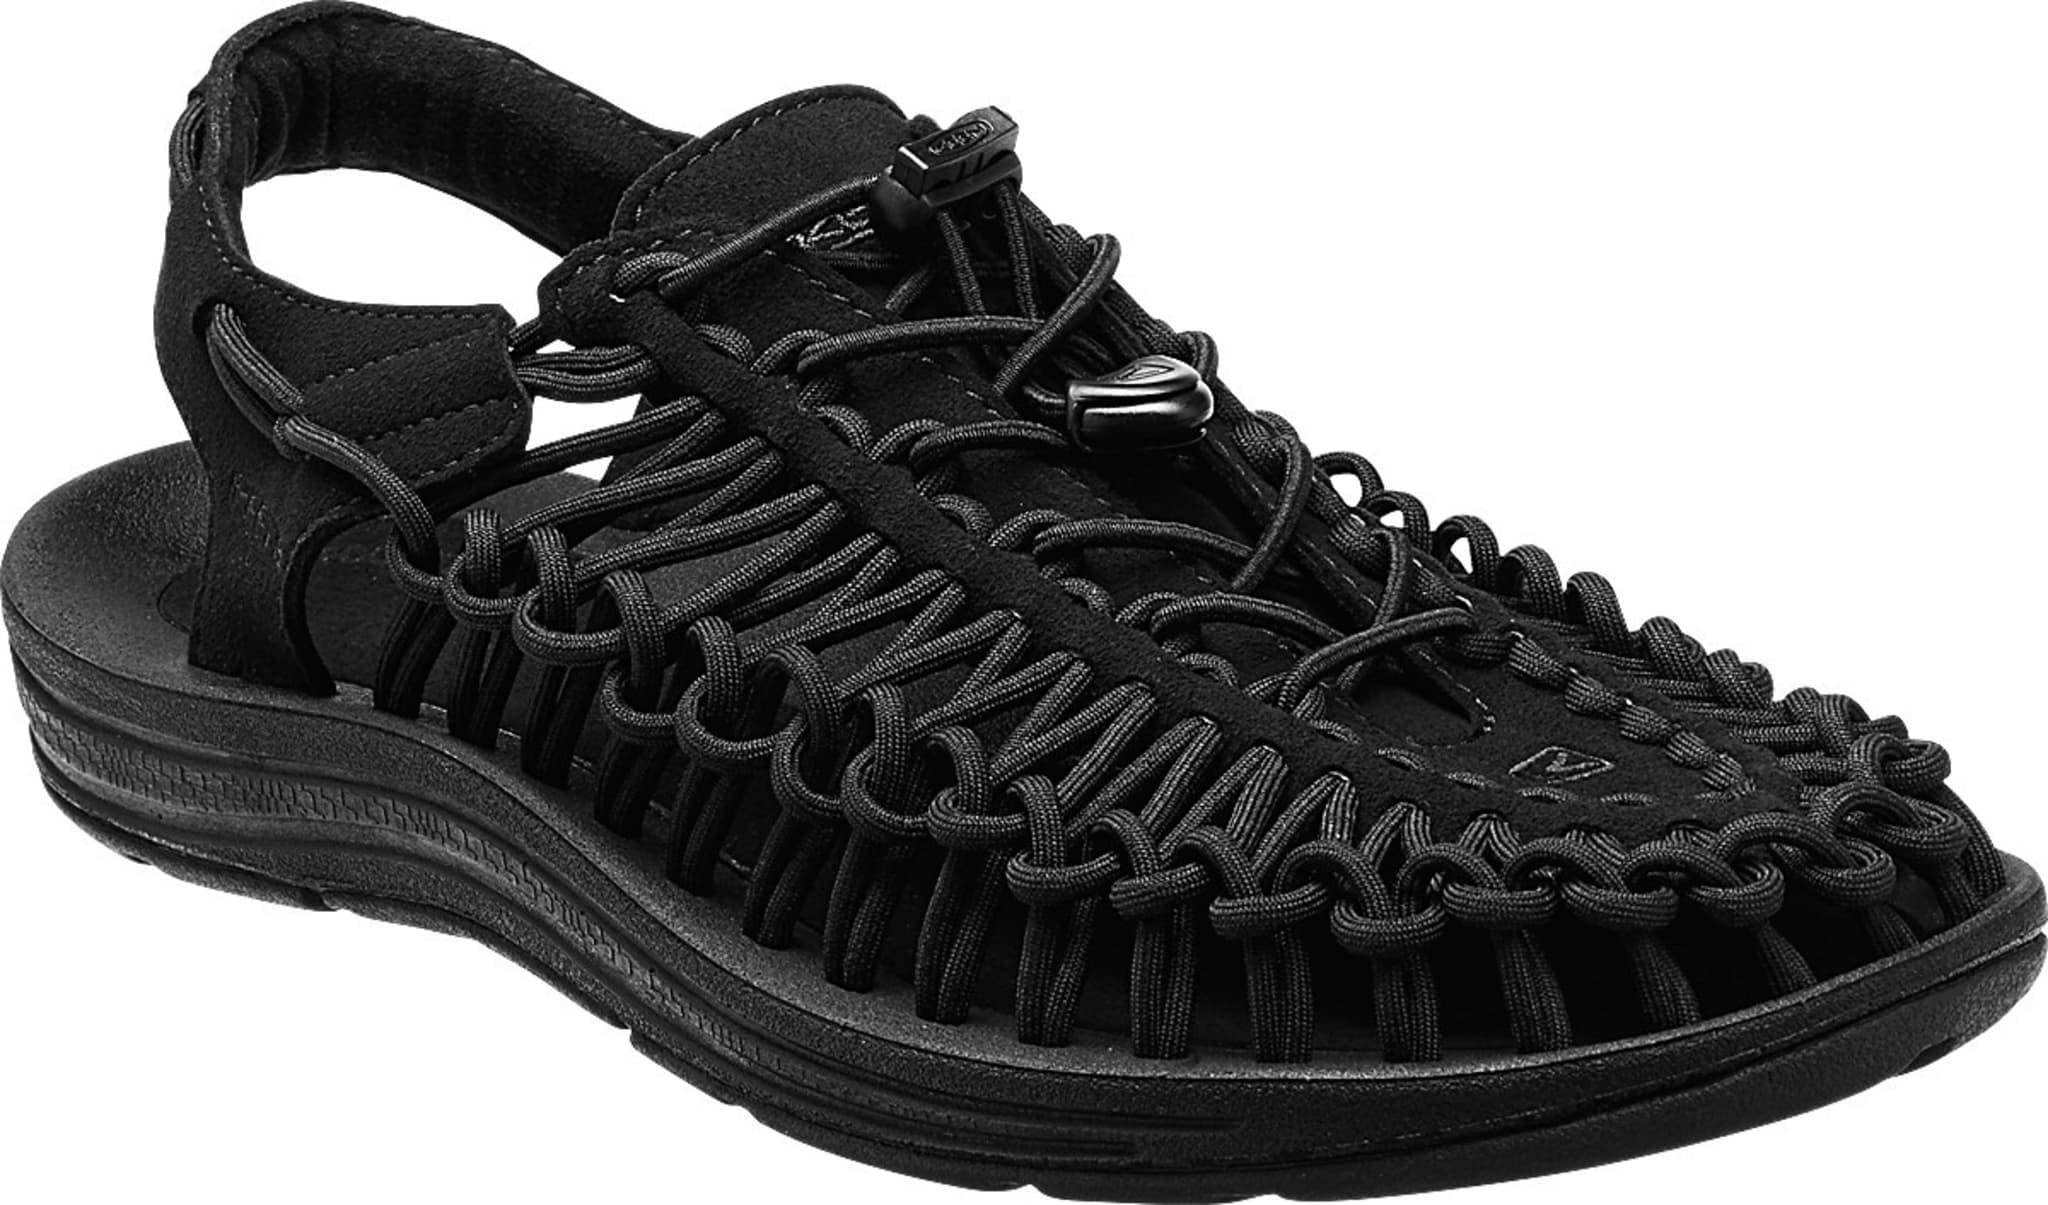 Behagelig sandal laget i et nett av remmer for topp komfort